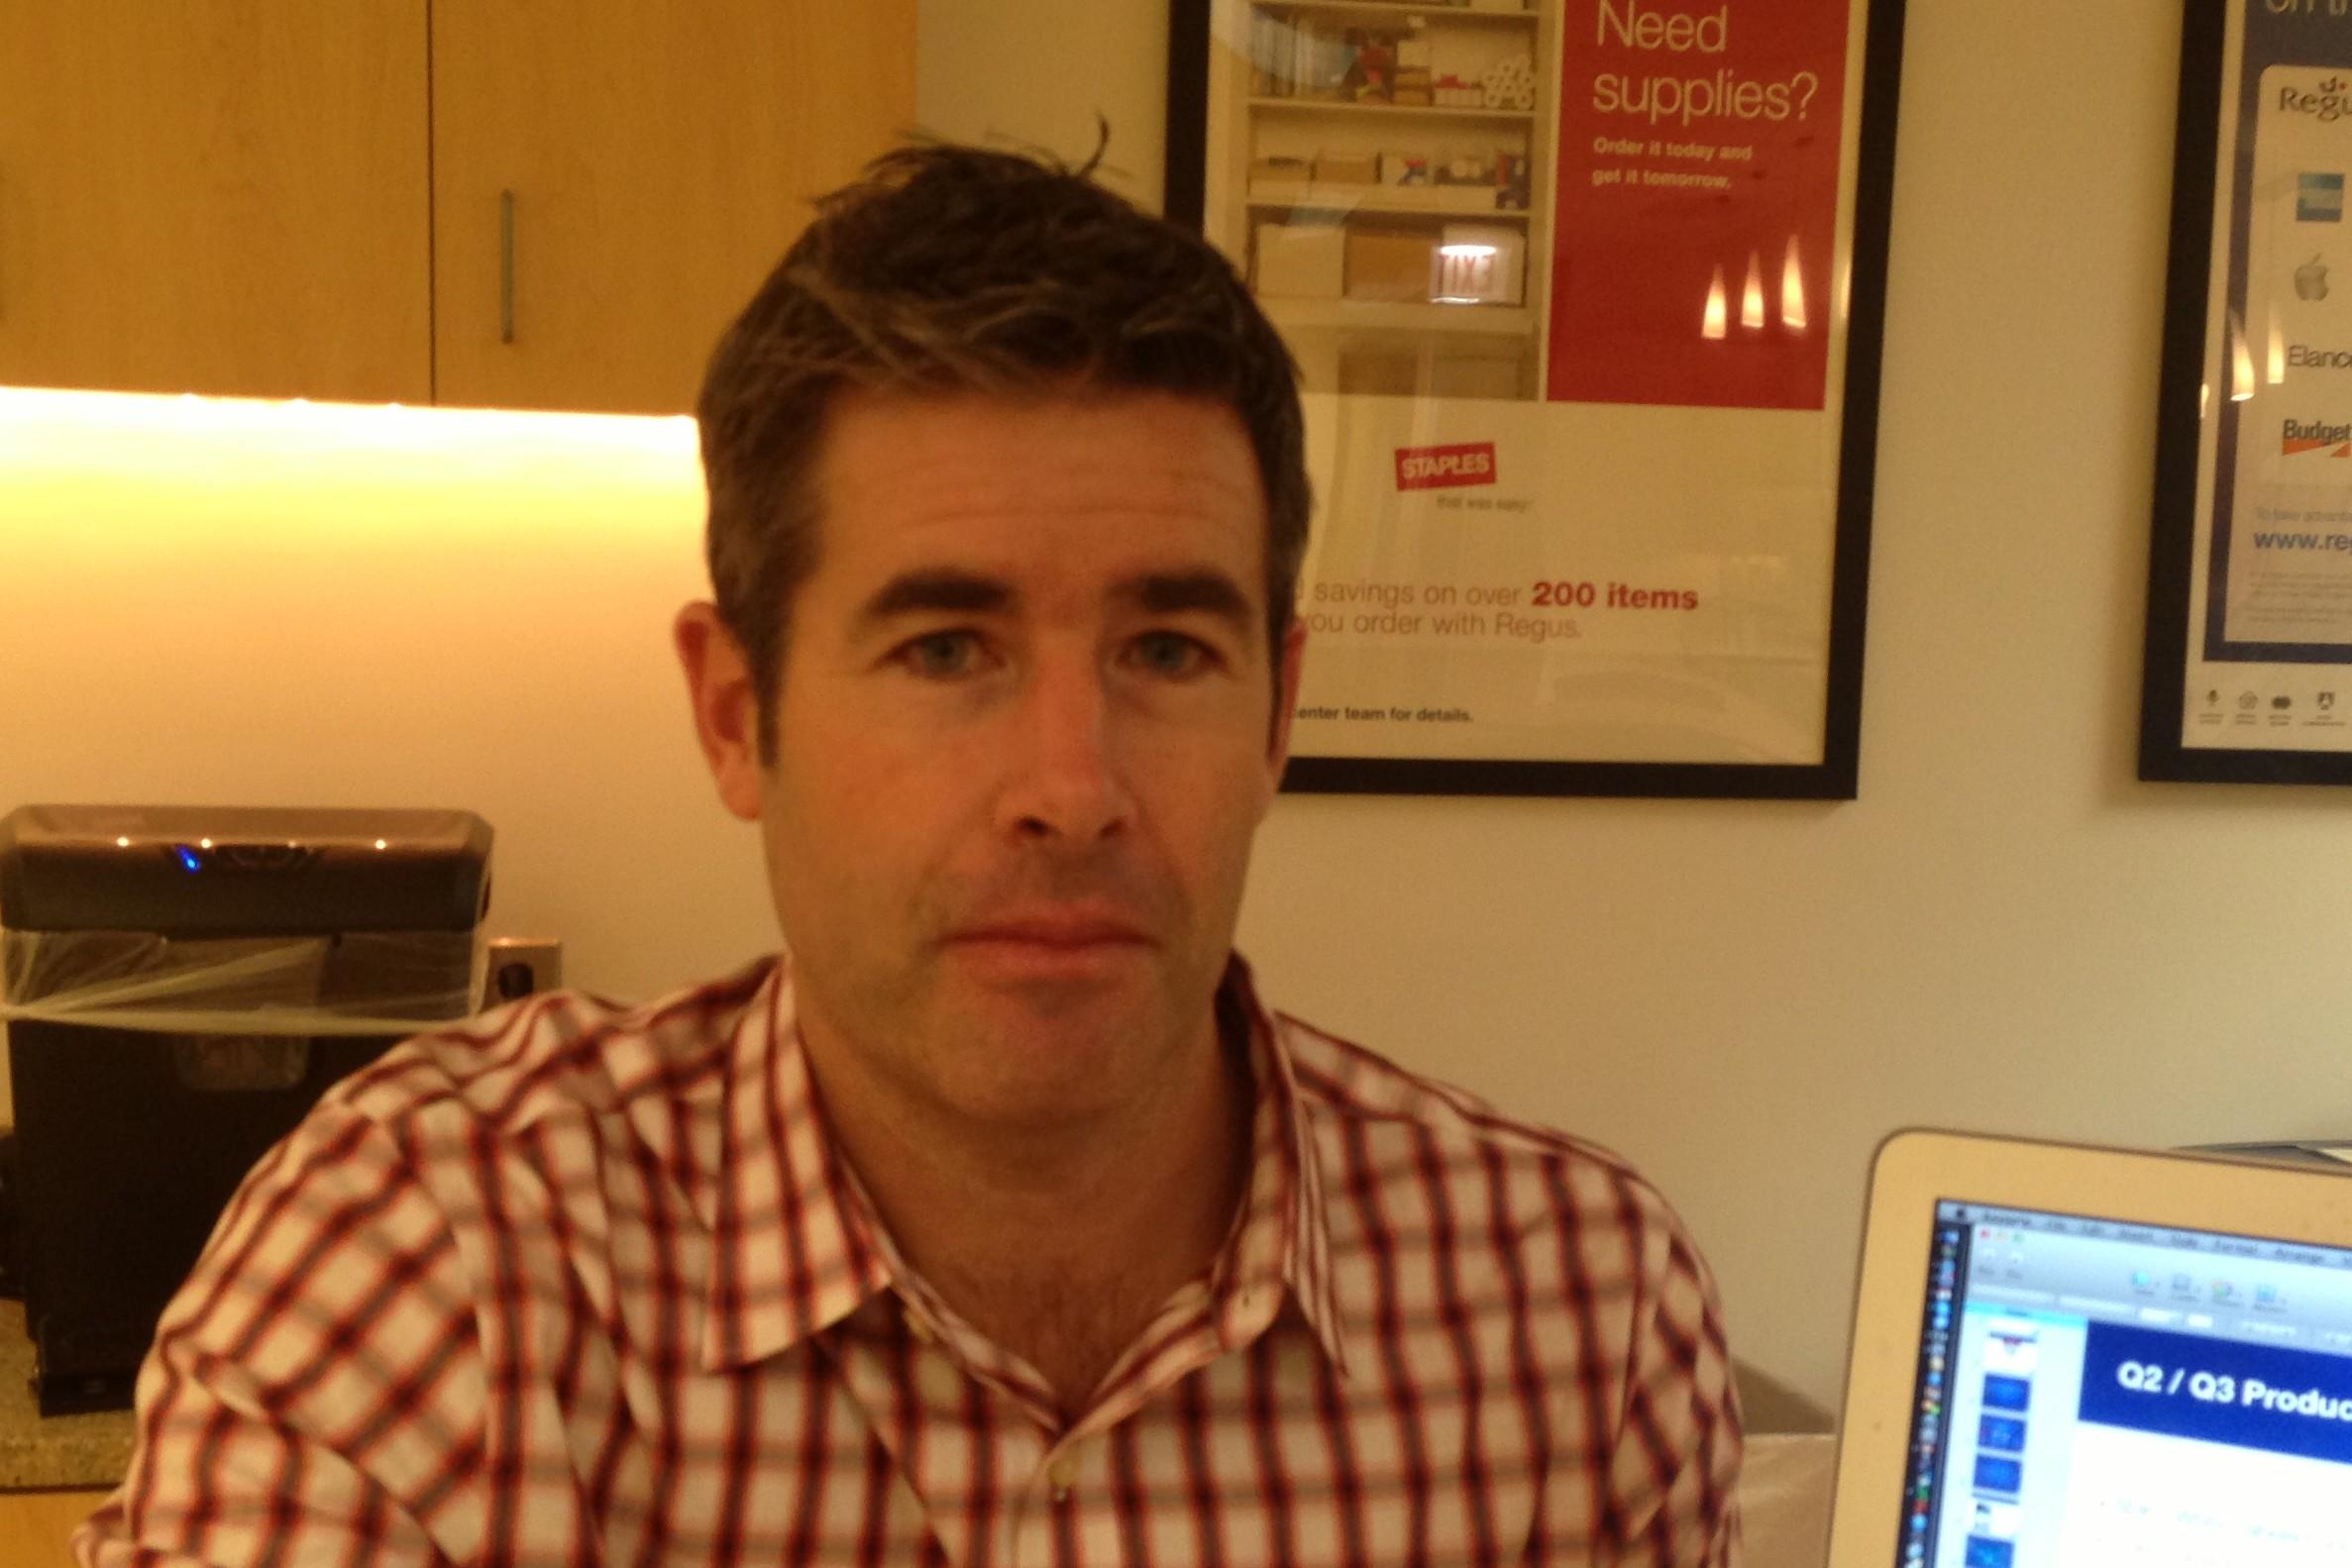 Evzdrop CEO David Rush